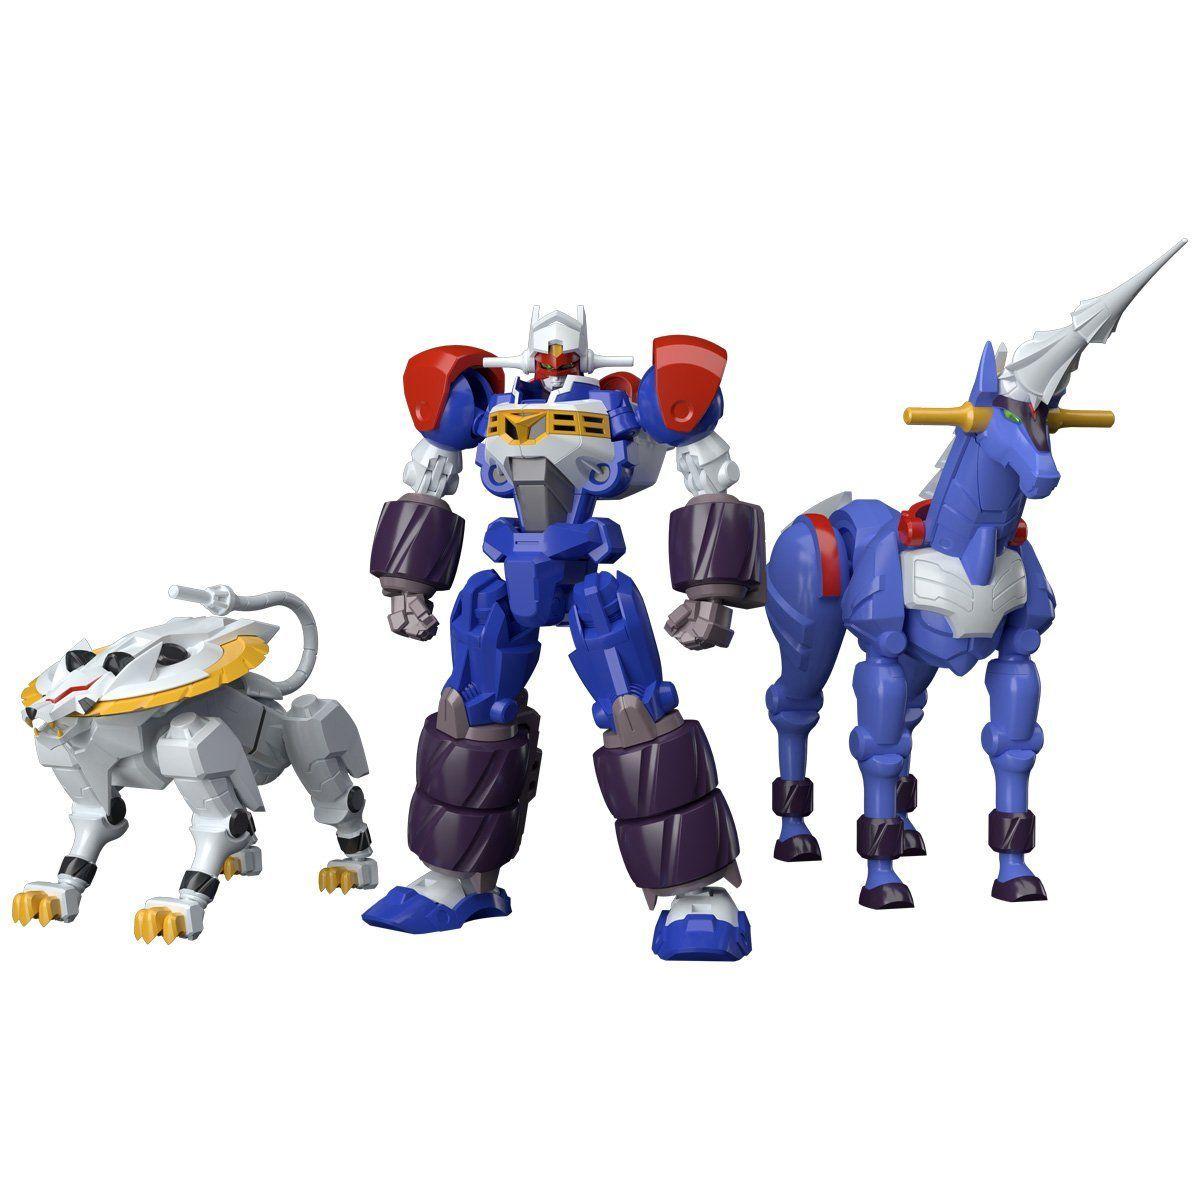 【食玩】スーパーミニプラ『電童&データウェポンセット』GEAR戦士電童 プラモデル-001